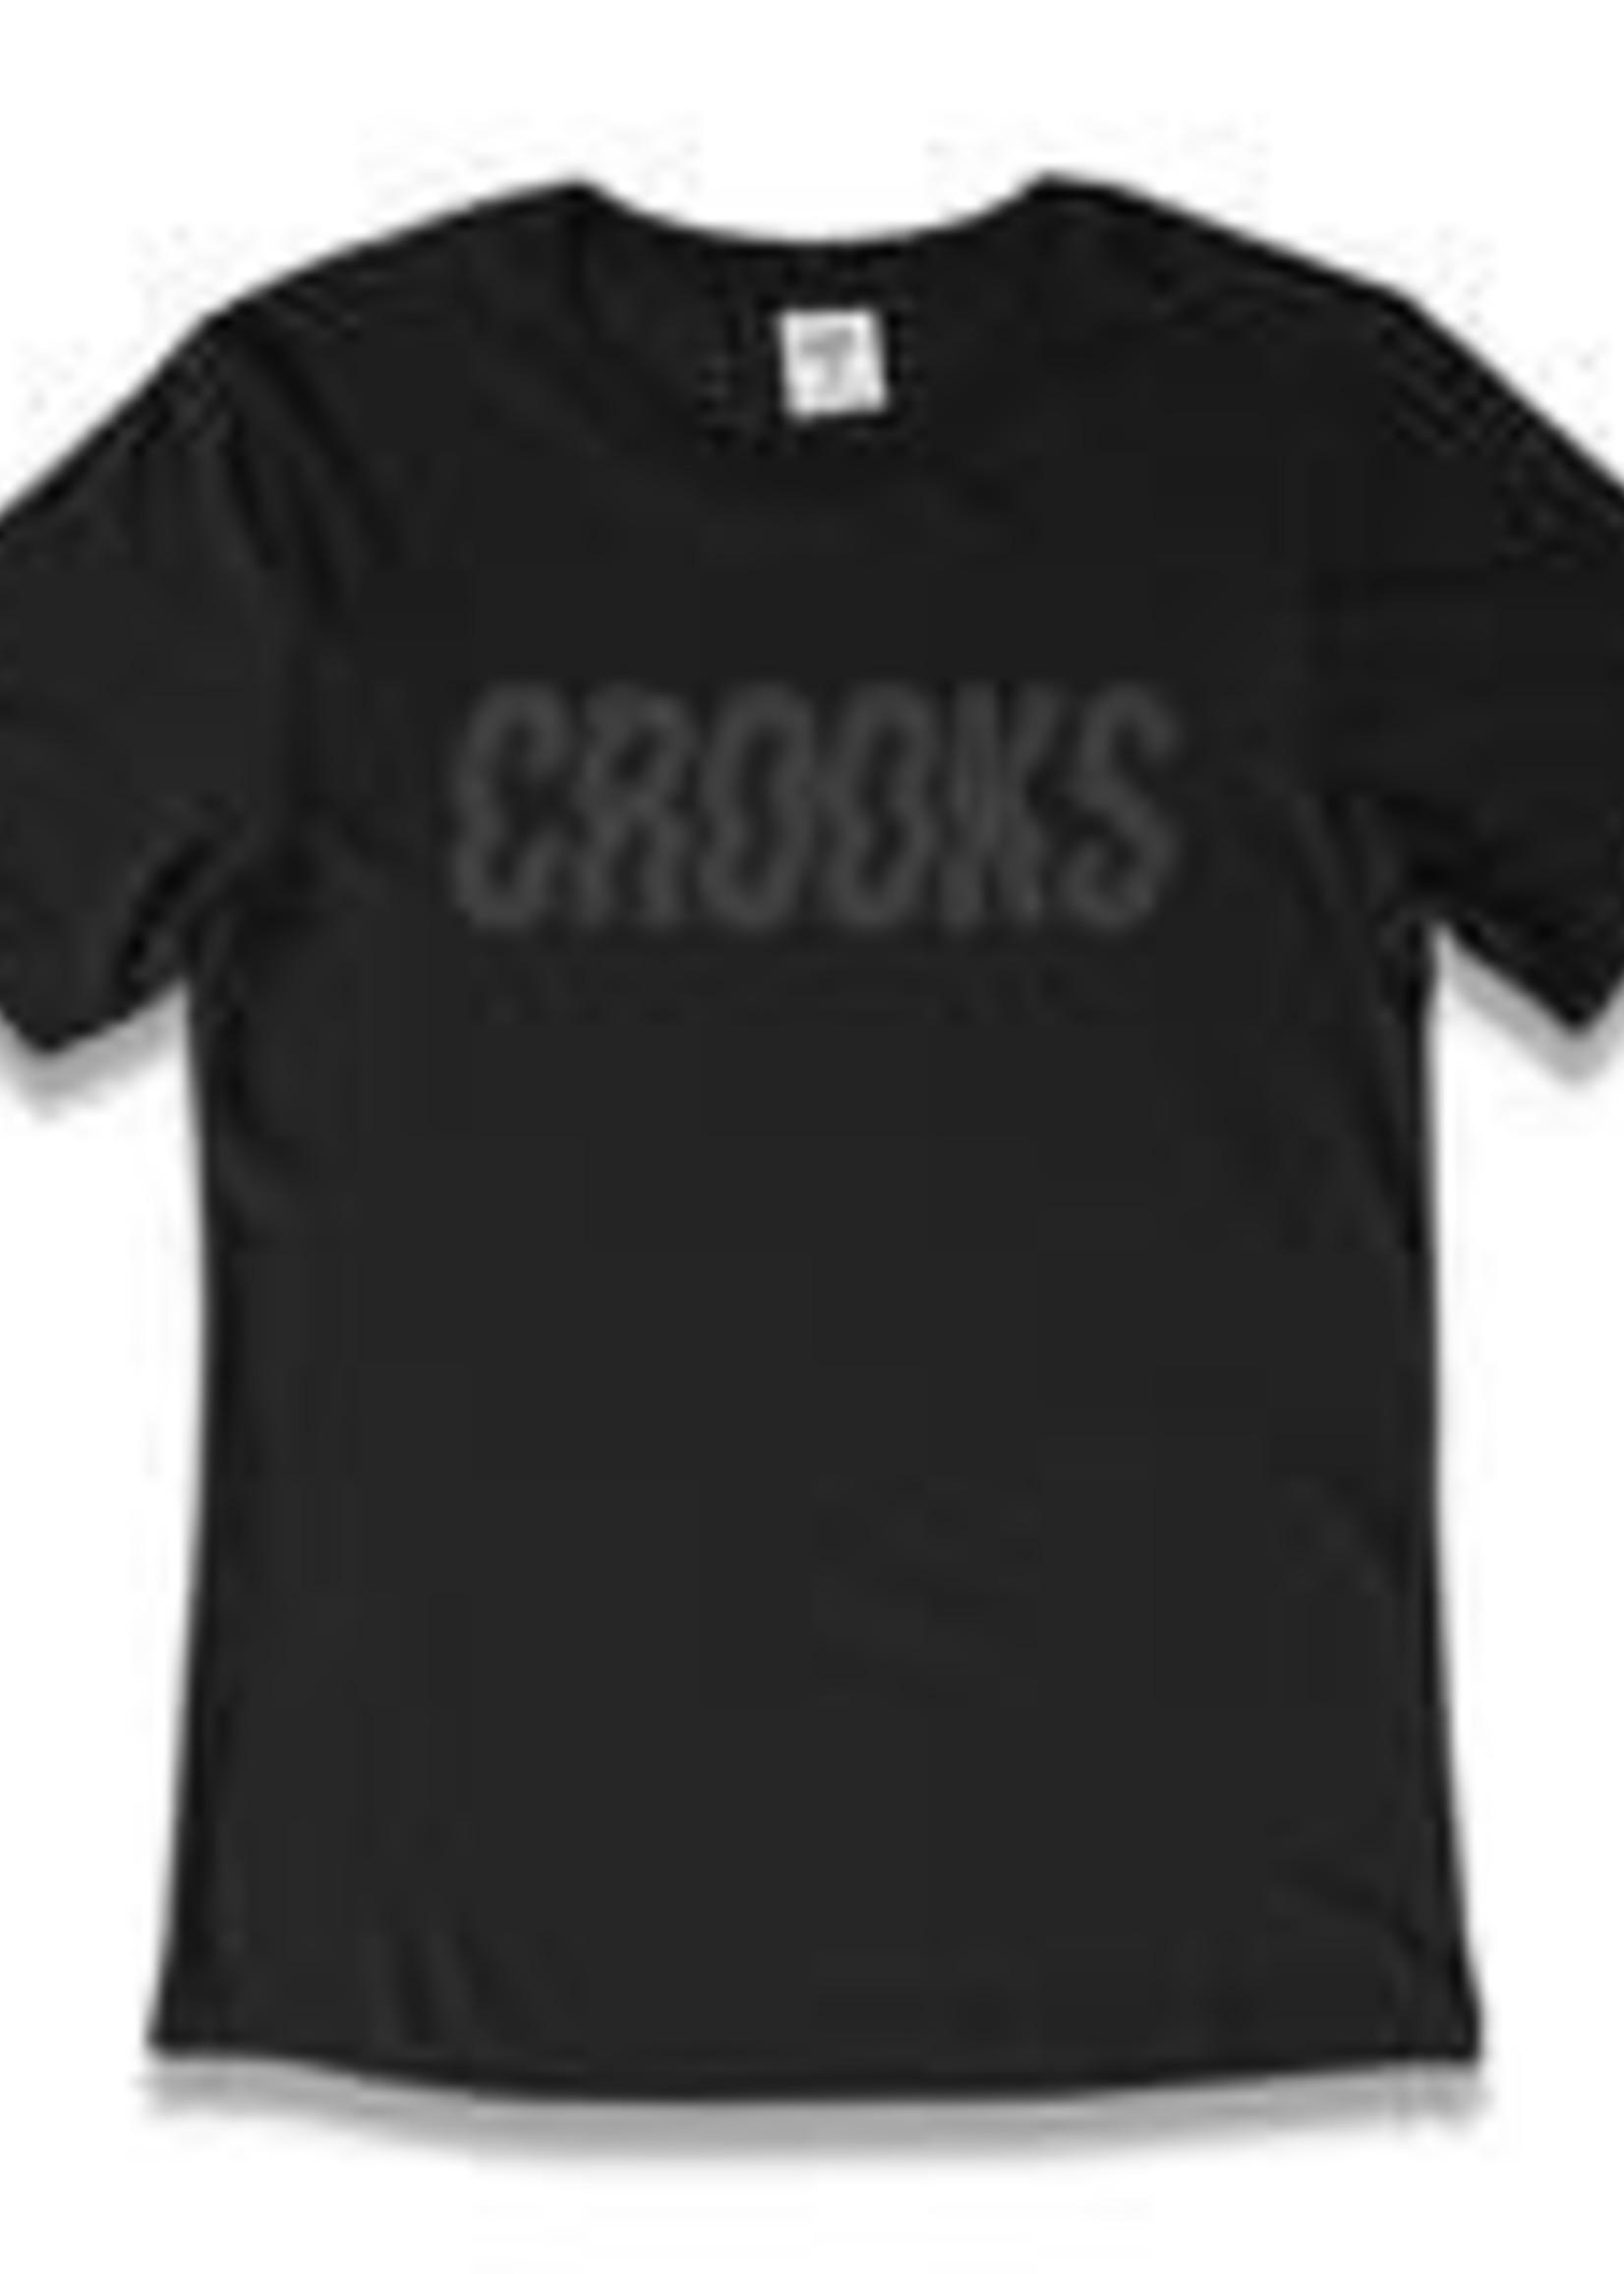 Crooks & Castles GLITCH S/S TEE L1950703